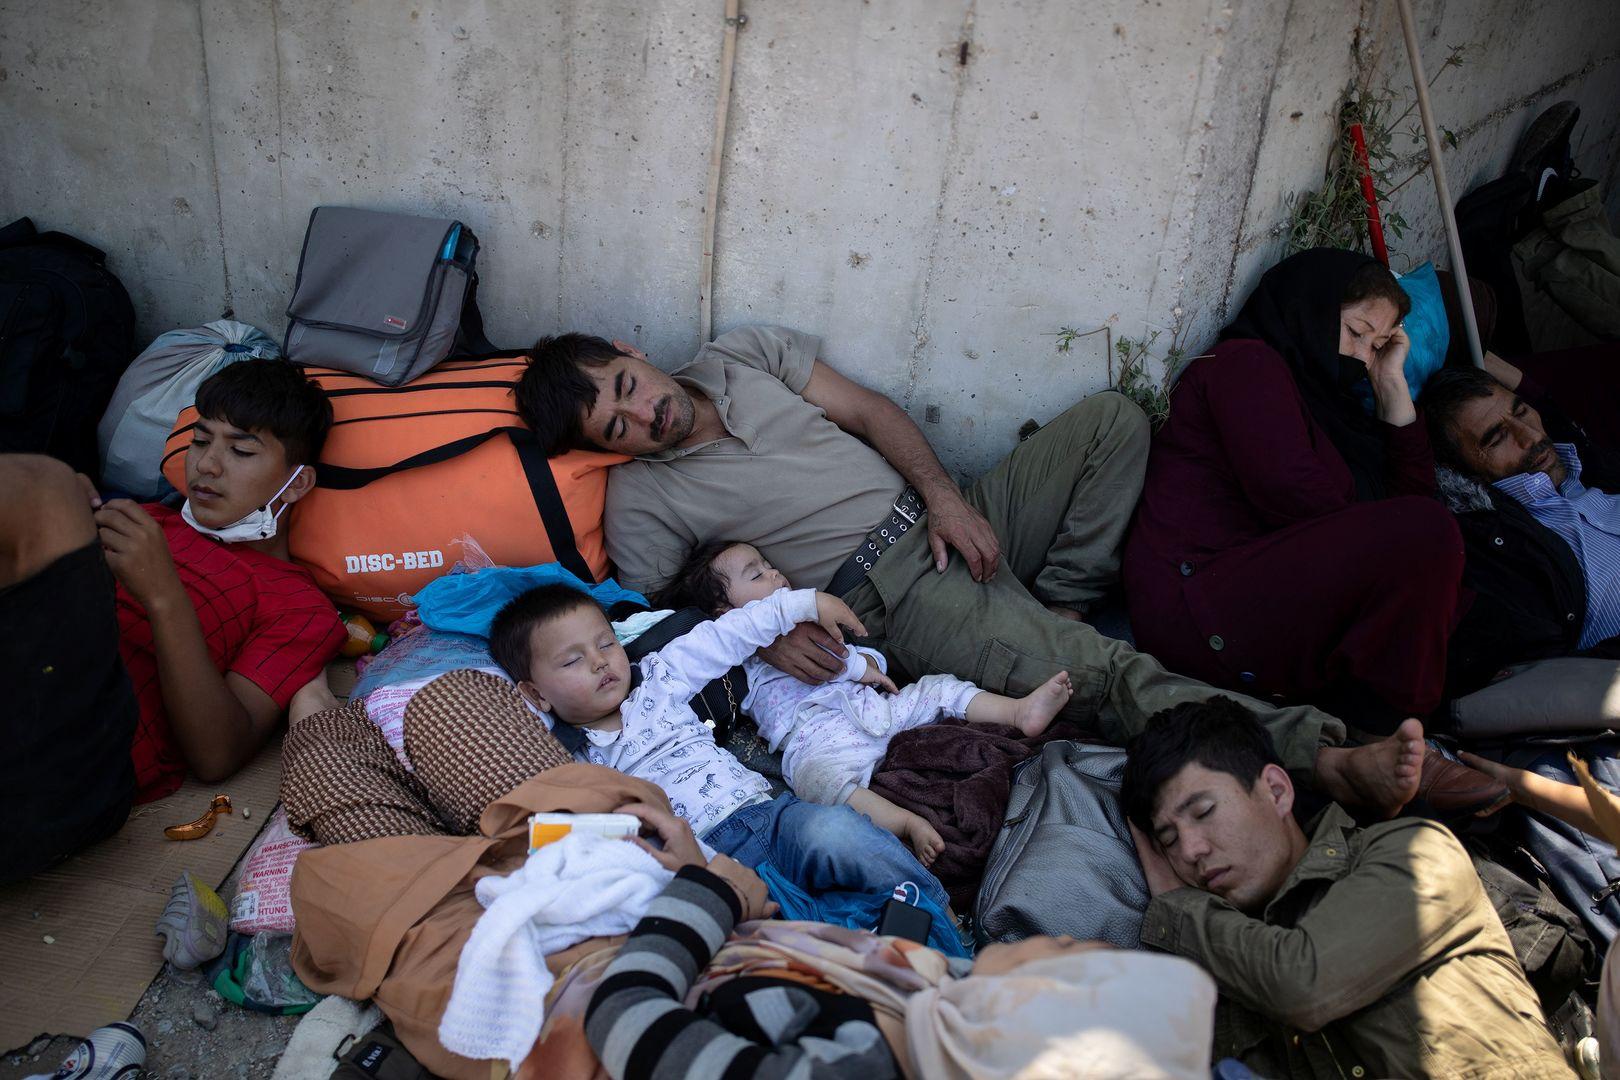 Un incendie ravage le camp de migrants de Lesbos après des révoltes contre les mesures sanitaires